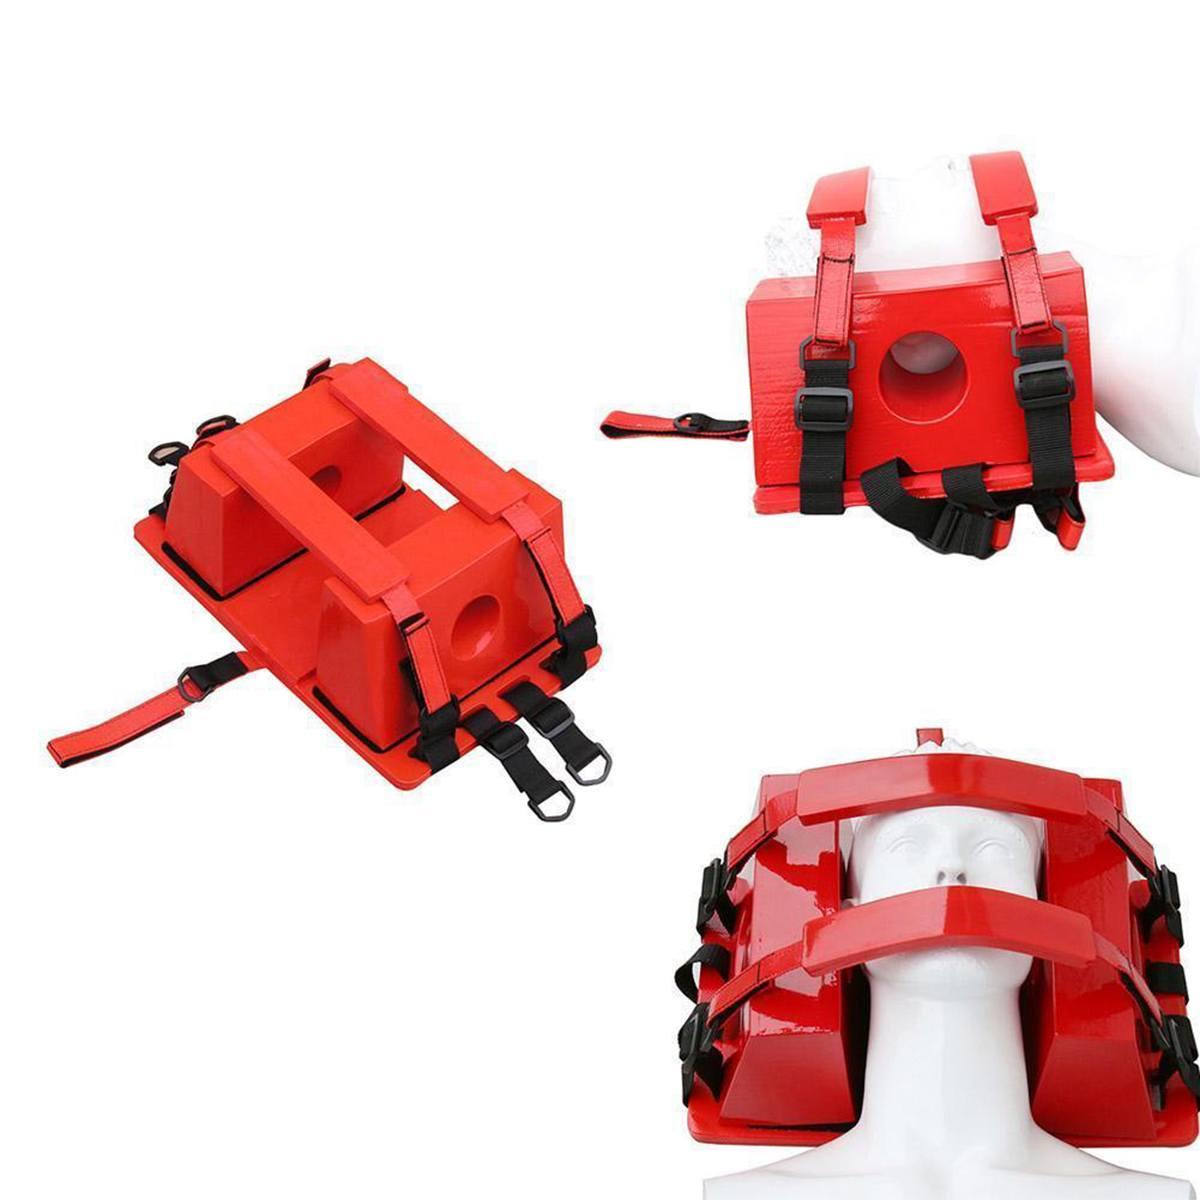 Équipement d'aide de piscine d'immobilisation de tête de civière de sauvetage de l'eau de fixateur de tête de secours d'urgence rouge pour l'approvisionnement d'ems/EMT